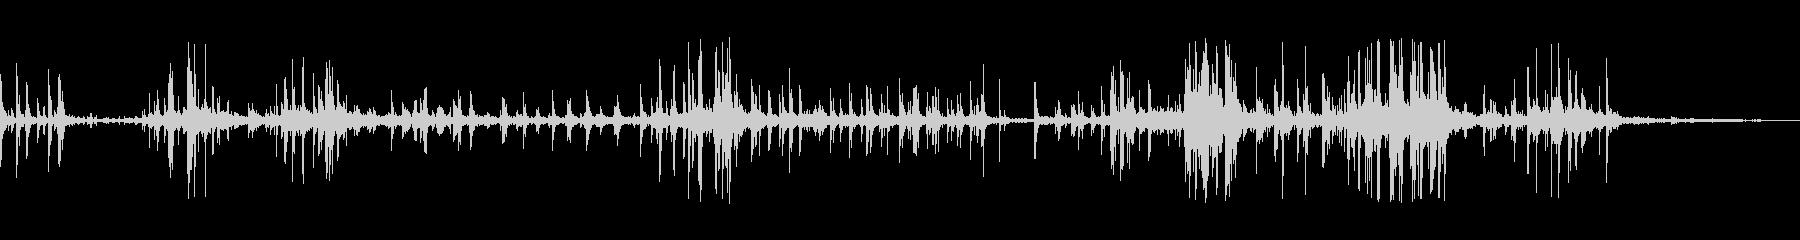 メタルフェンスシェイクの未再生の波形